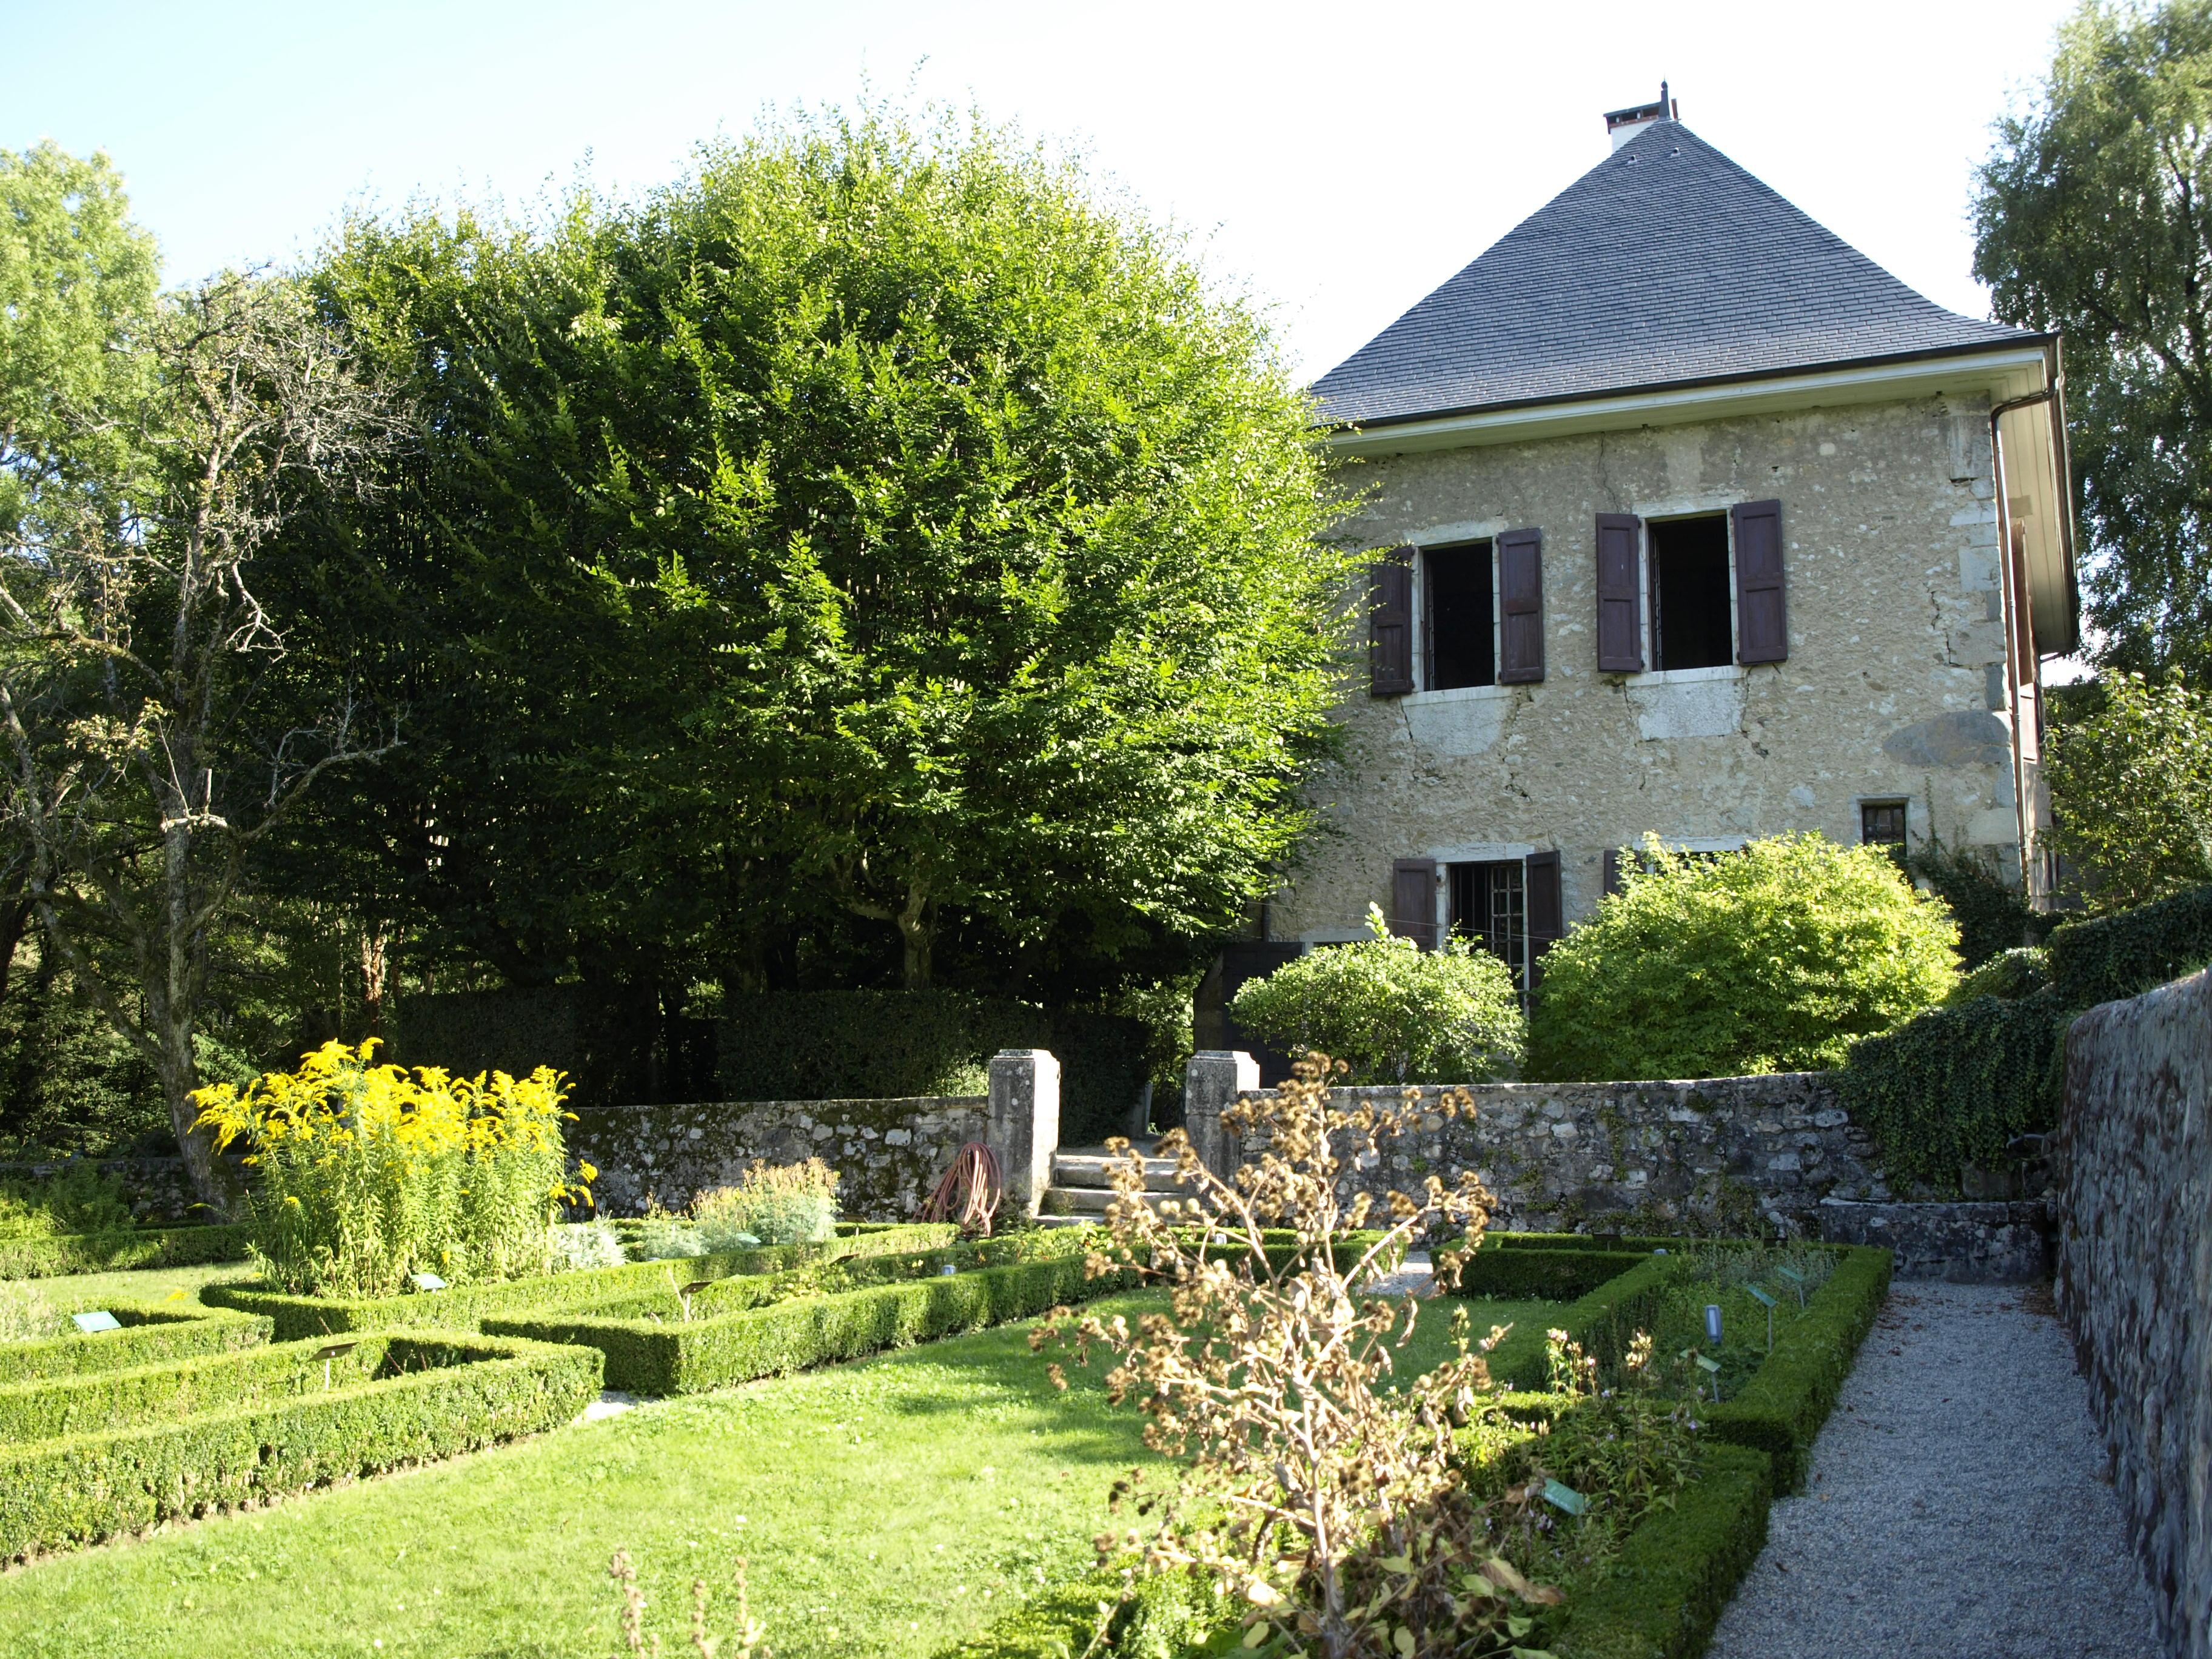 Esterno Di Una Casa : File esterno della casa dove ha vissuto jean jacques rousseau